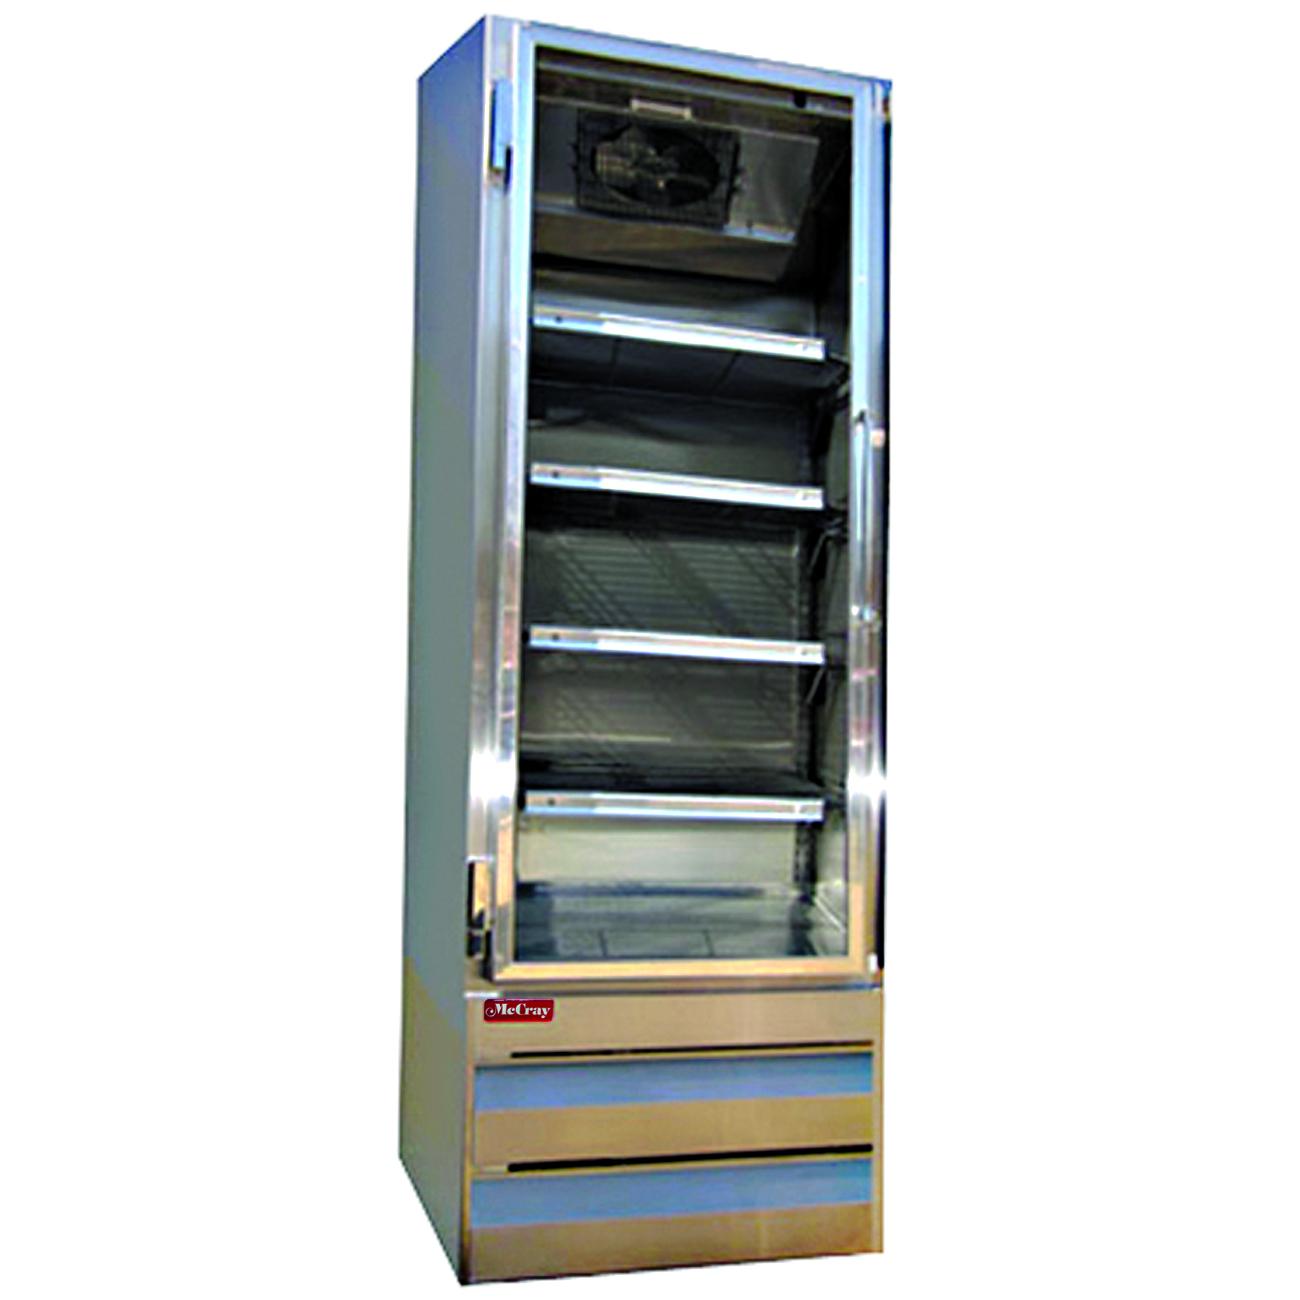 Howard-McCray GF19BM-S-LT freezer, merchandiser